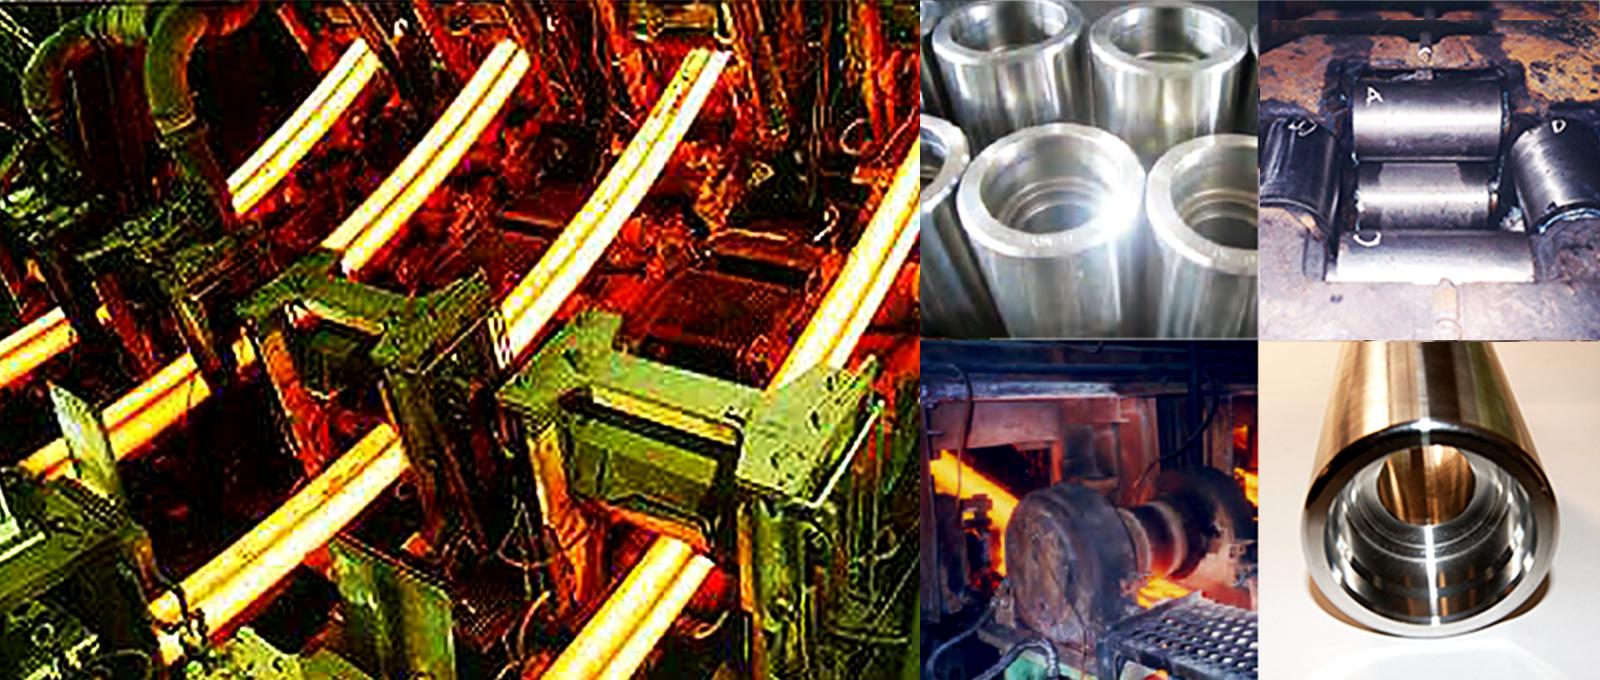 製鋼⽤連続鋳造⽤ローラー(シリコロイA2)